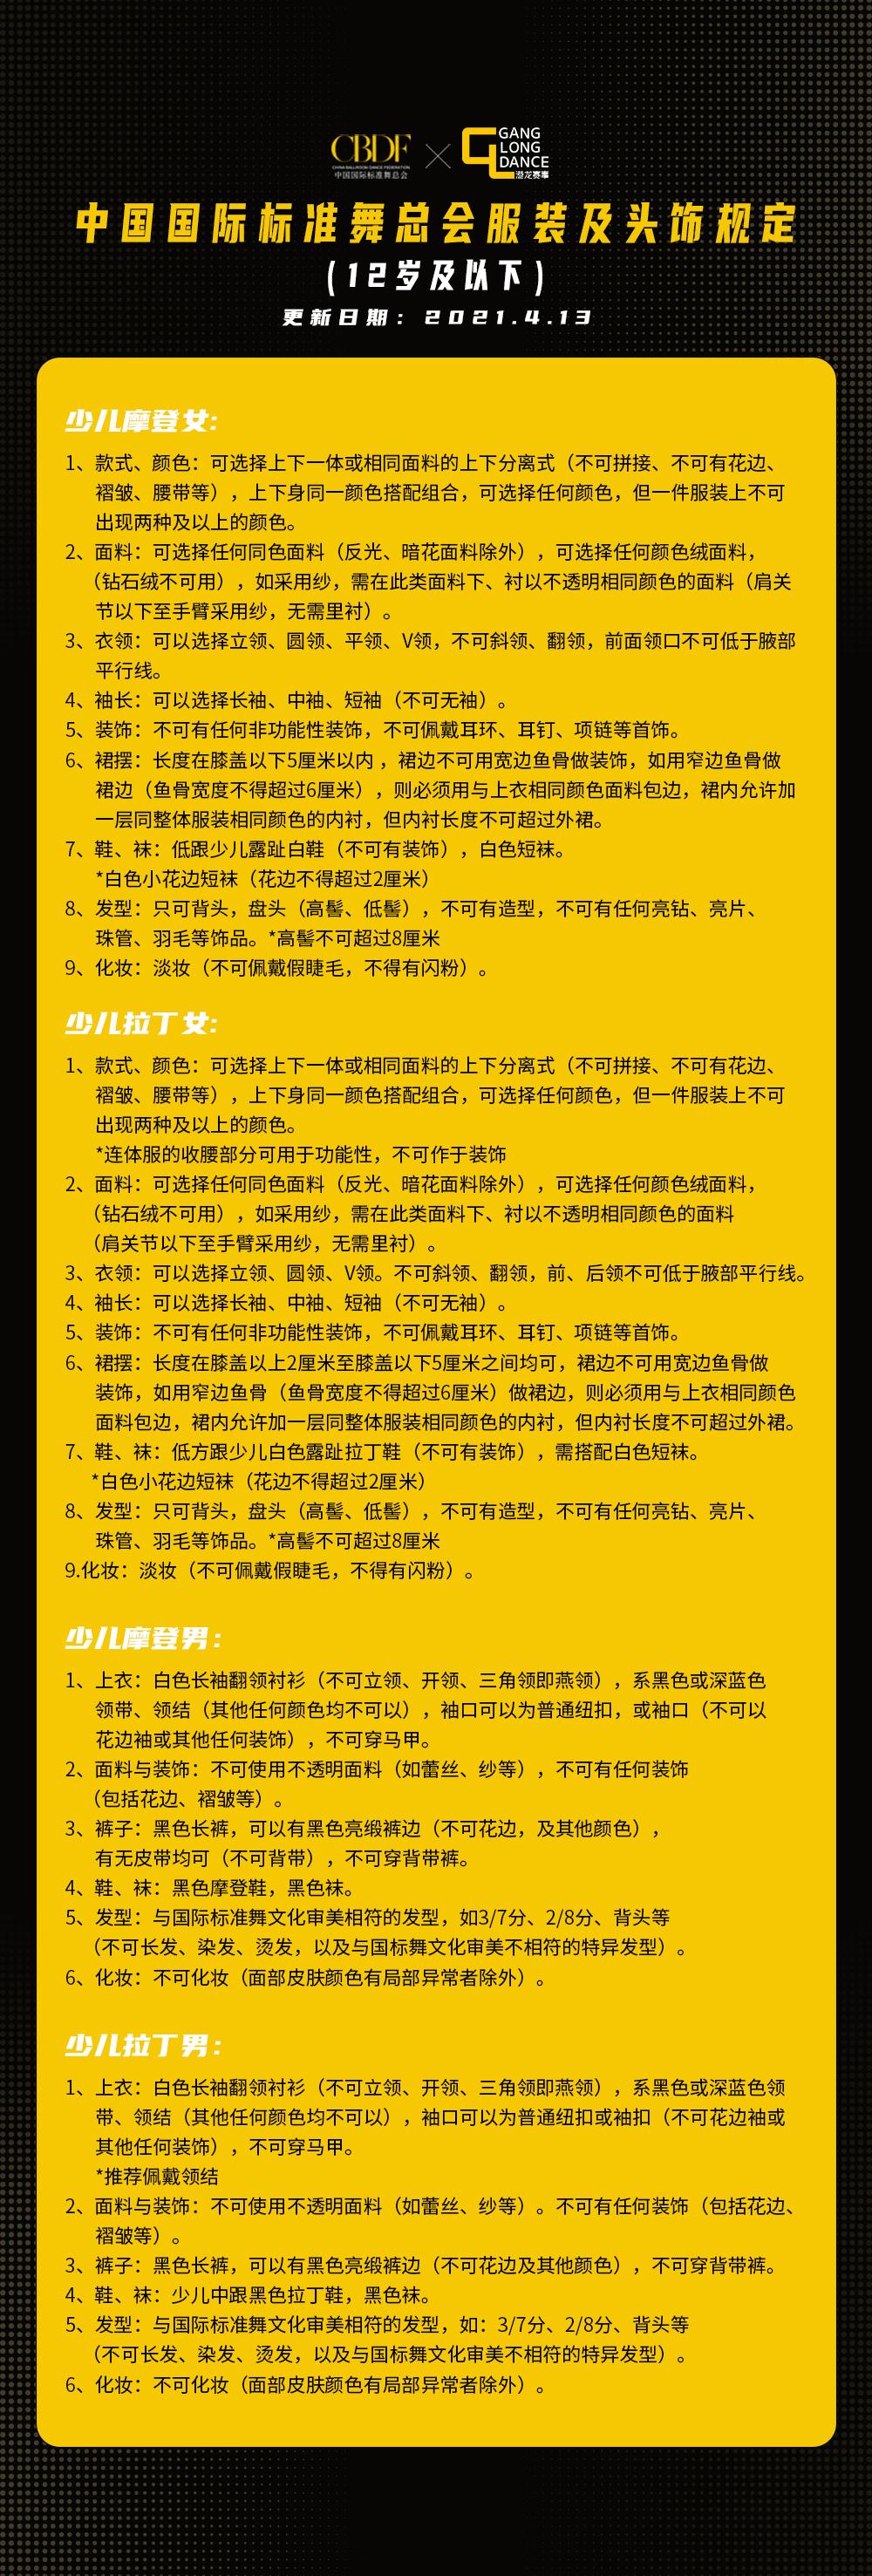 【通知】2021第21届CBDF中国国际凯发电游平台青少年锦标赛(华北—天津)(图2)